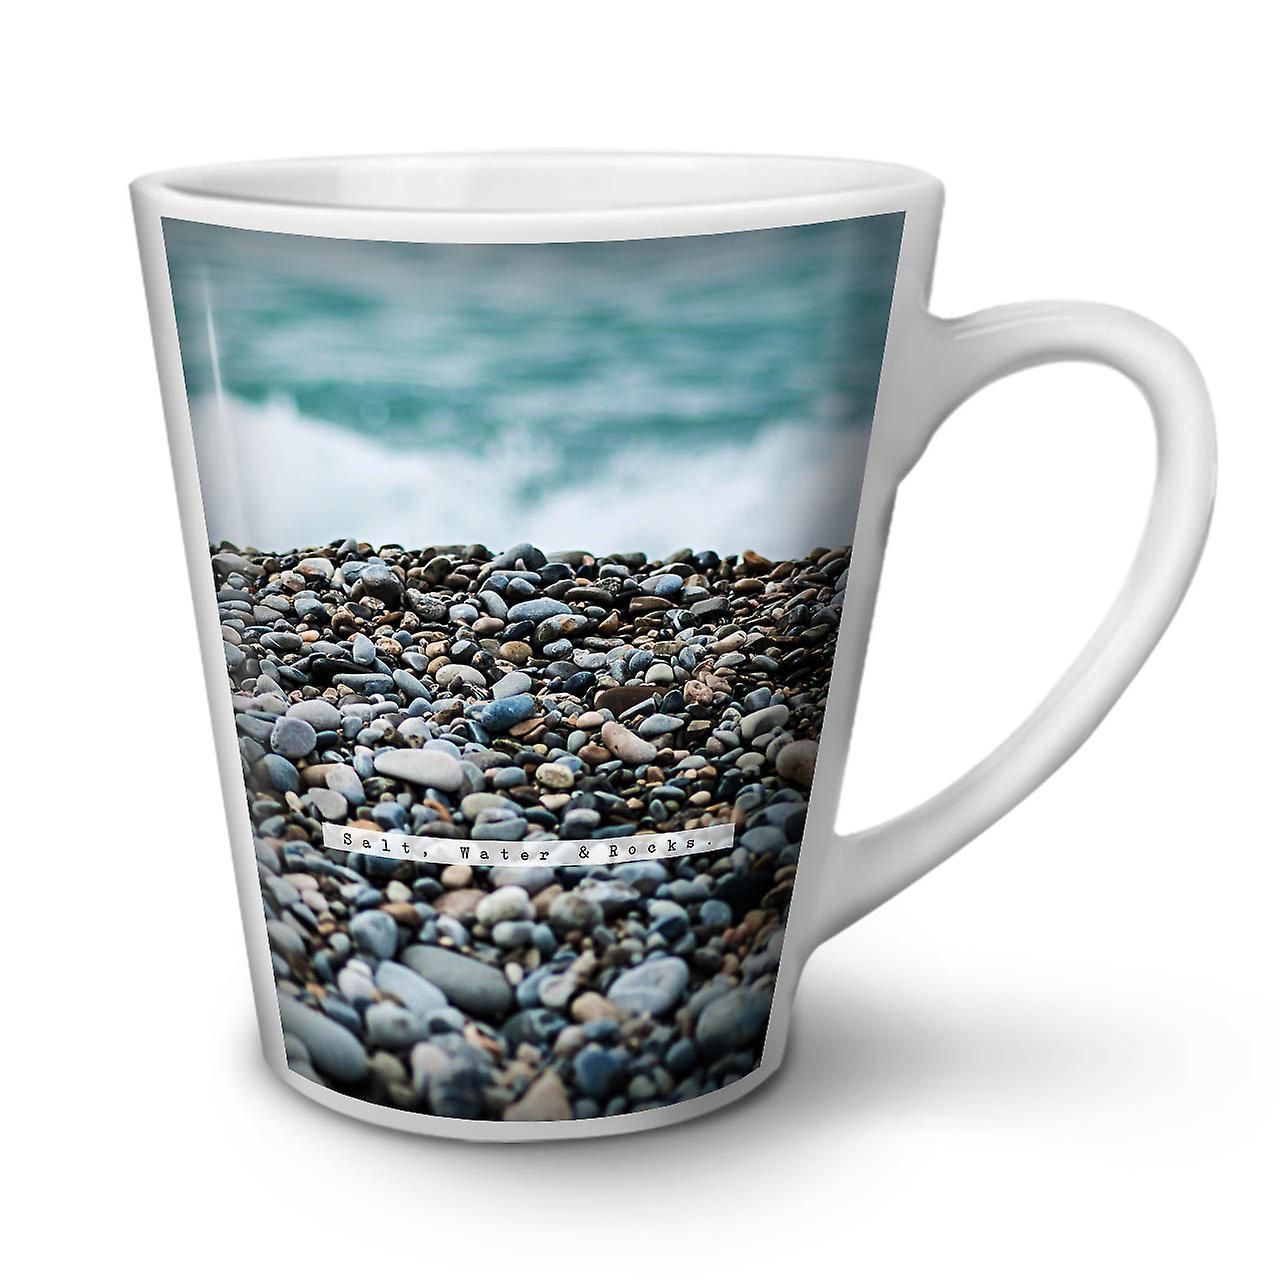 OzWellcoda Nature Céramique L'eau Tasse 12 En Blanche Mer Café Rock Nouvelle Latte 5L34ARcjq